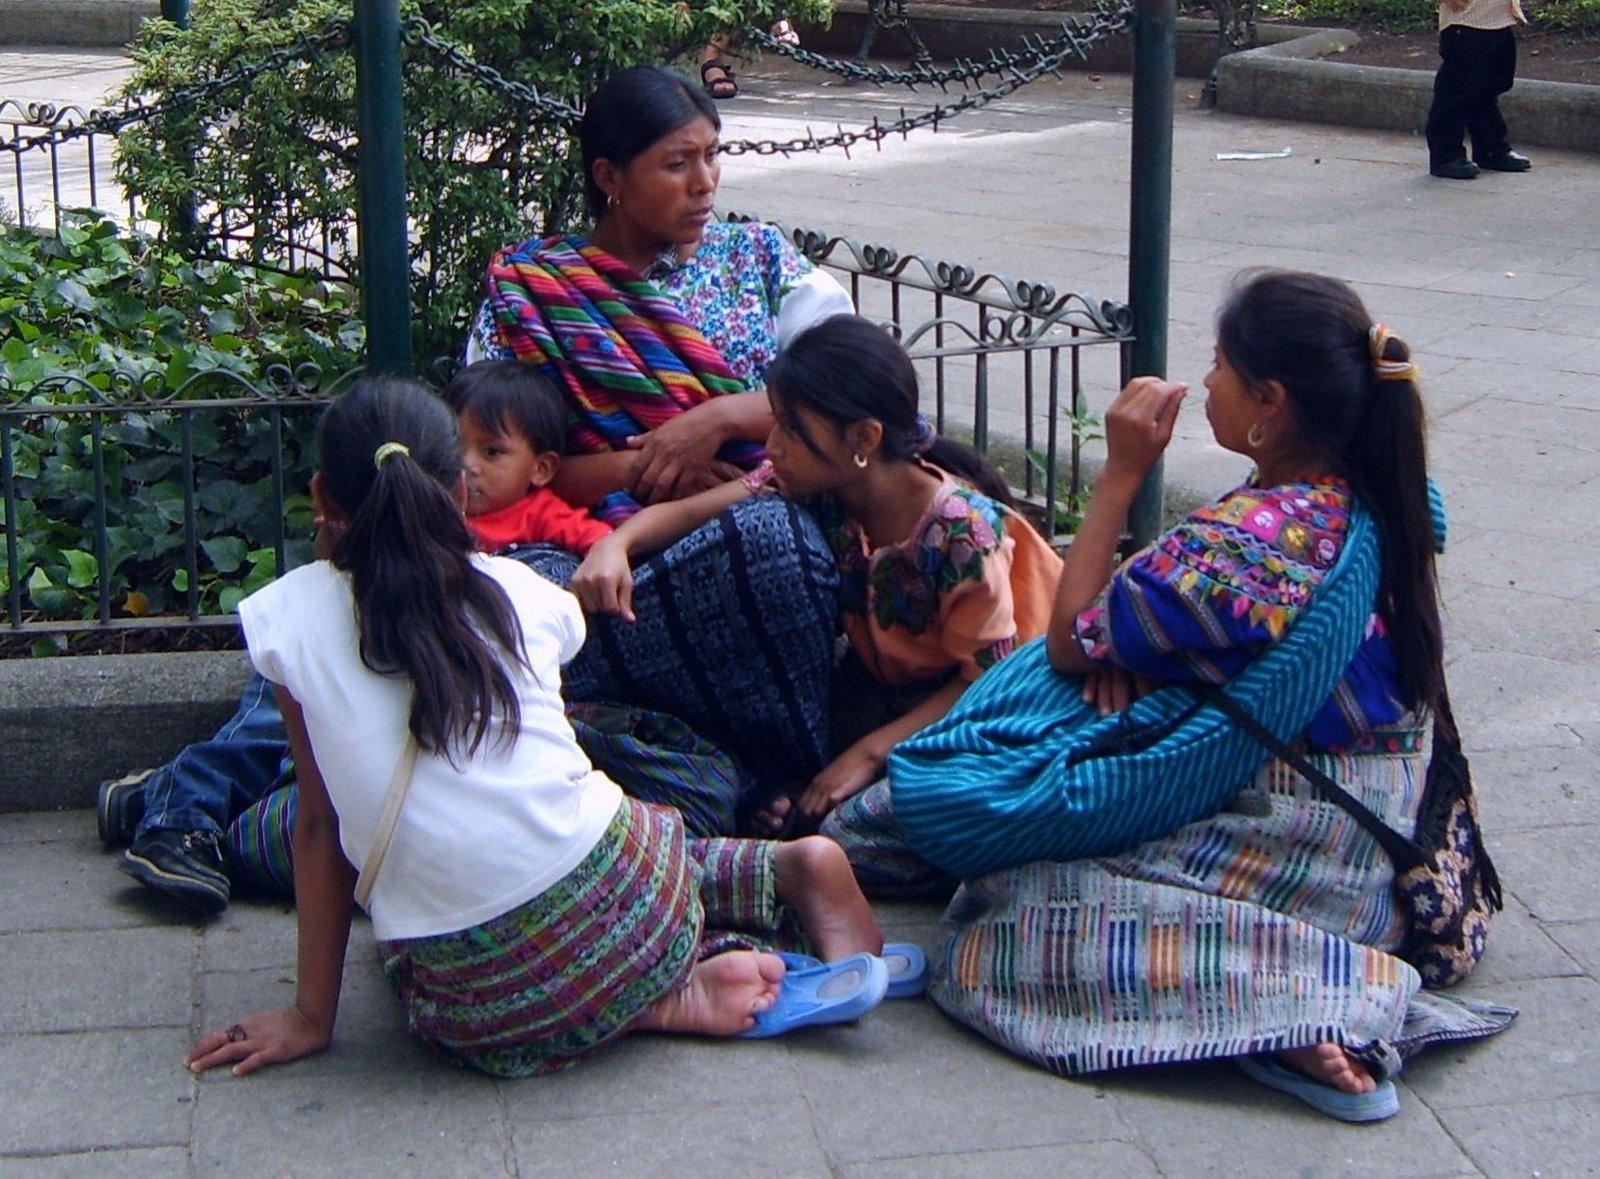 central park, la antigua guatemala